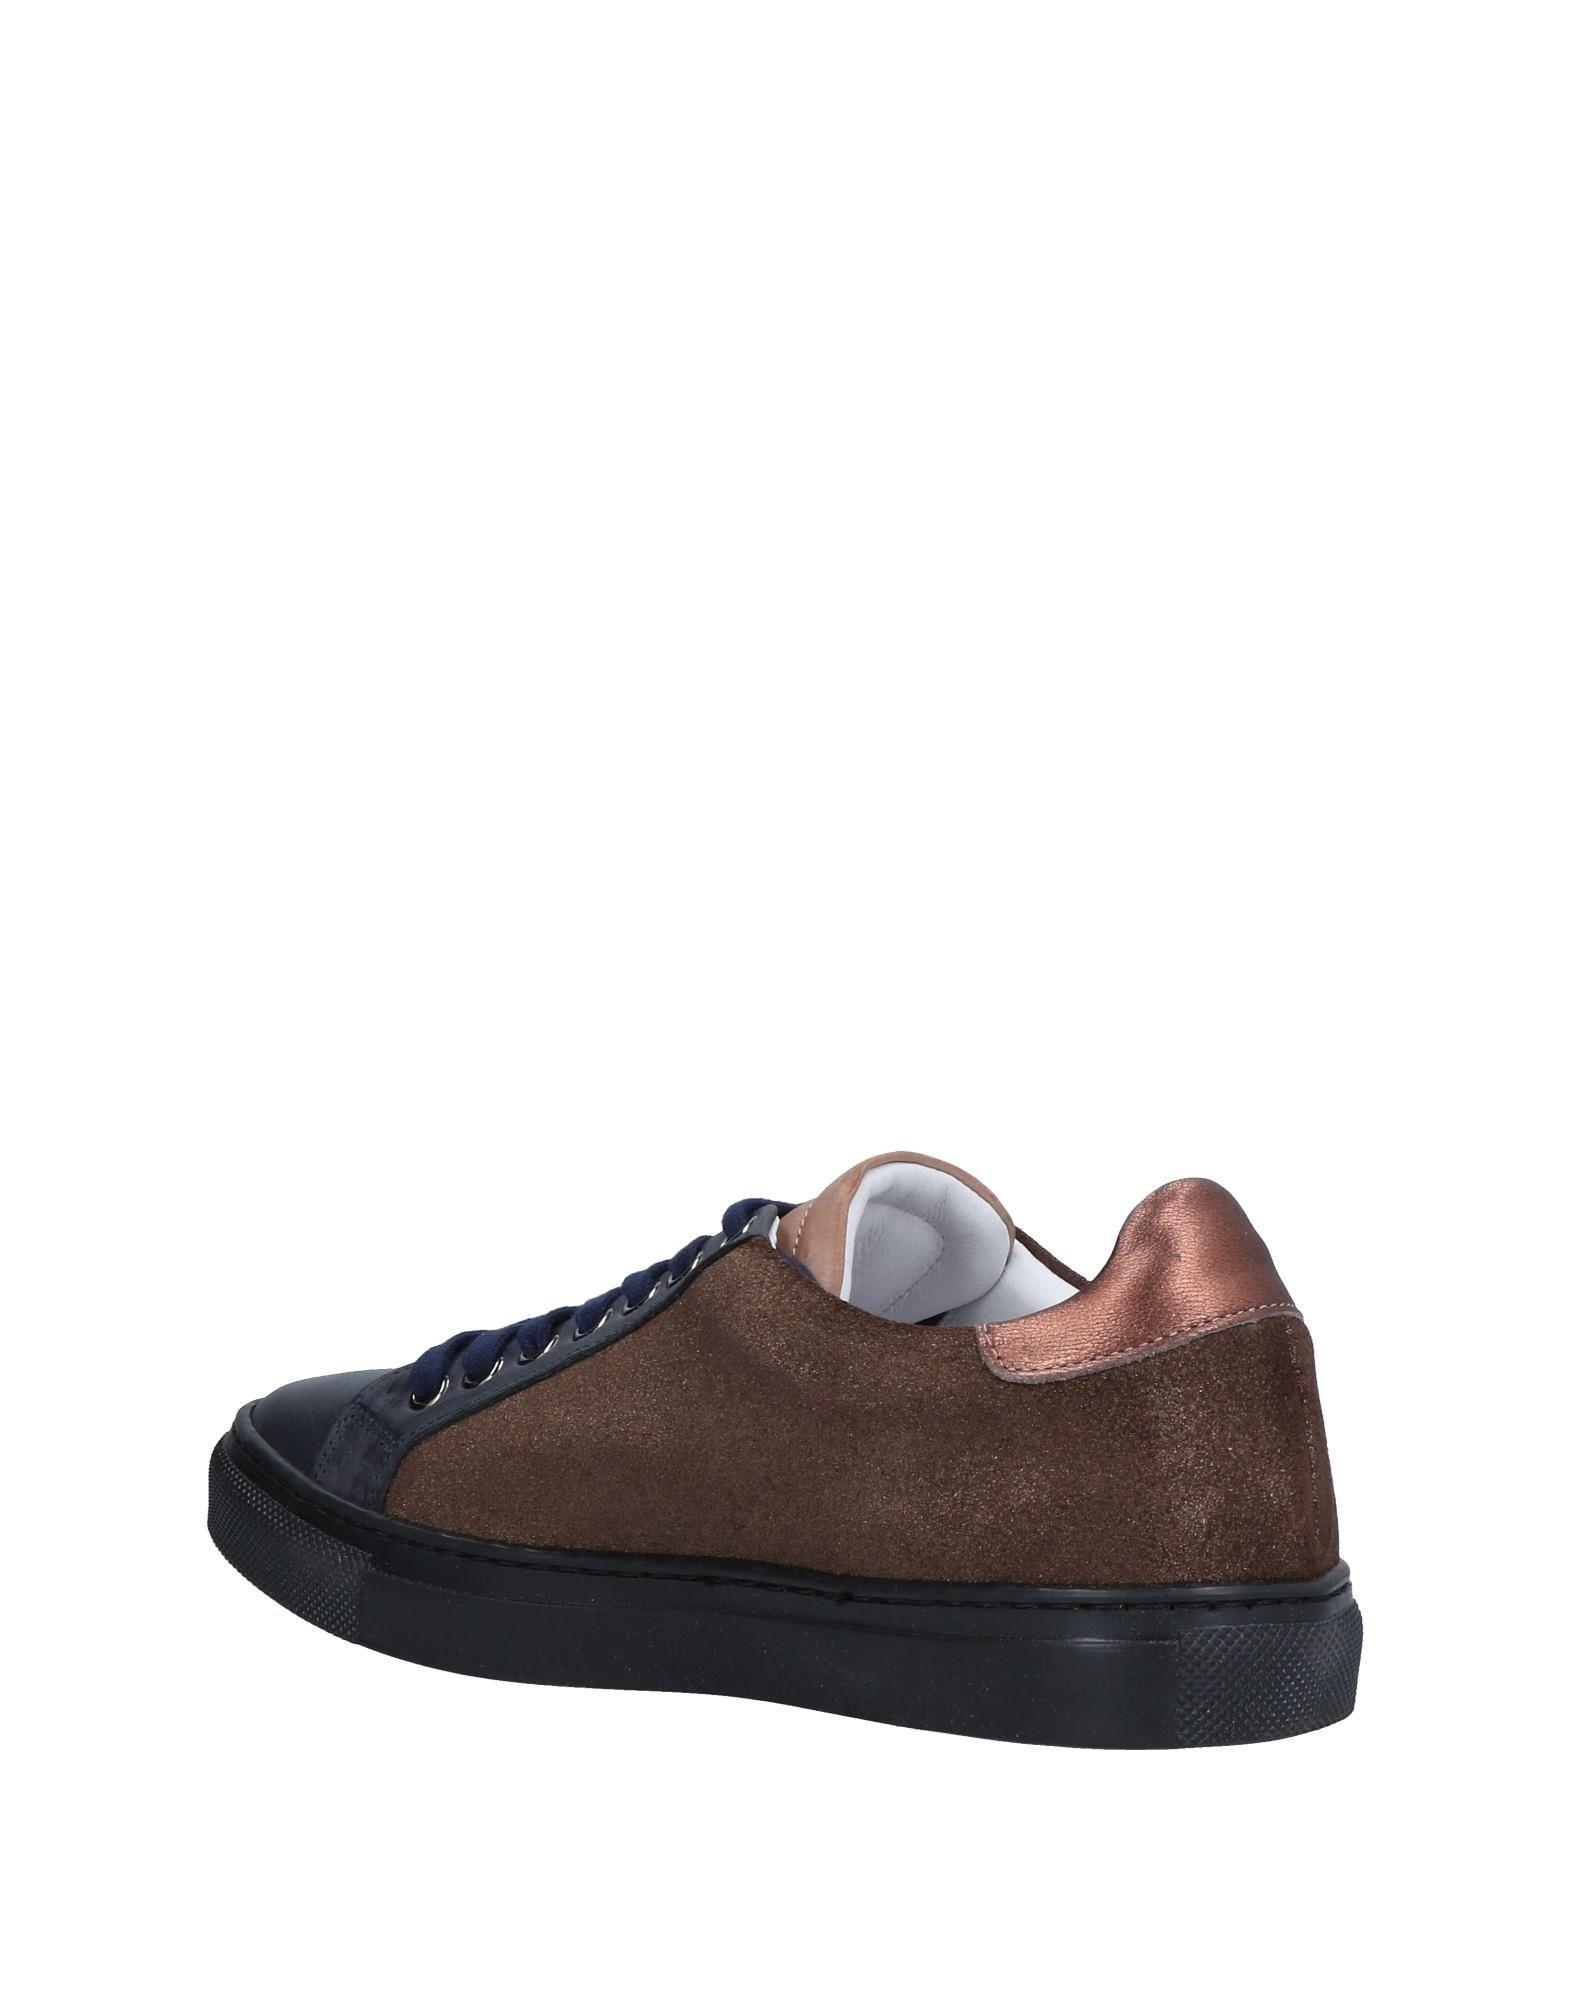 Ebarrito Gute Sneakers Damen  11519216VX Gute Ebarrito Qualität beliebte Schuhe 247d41